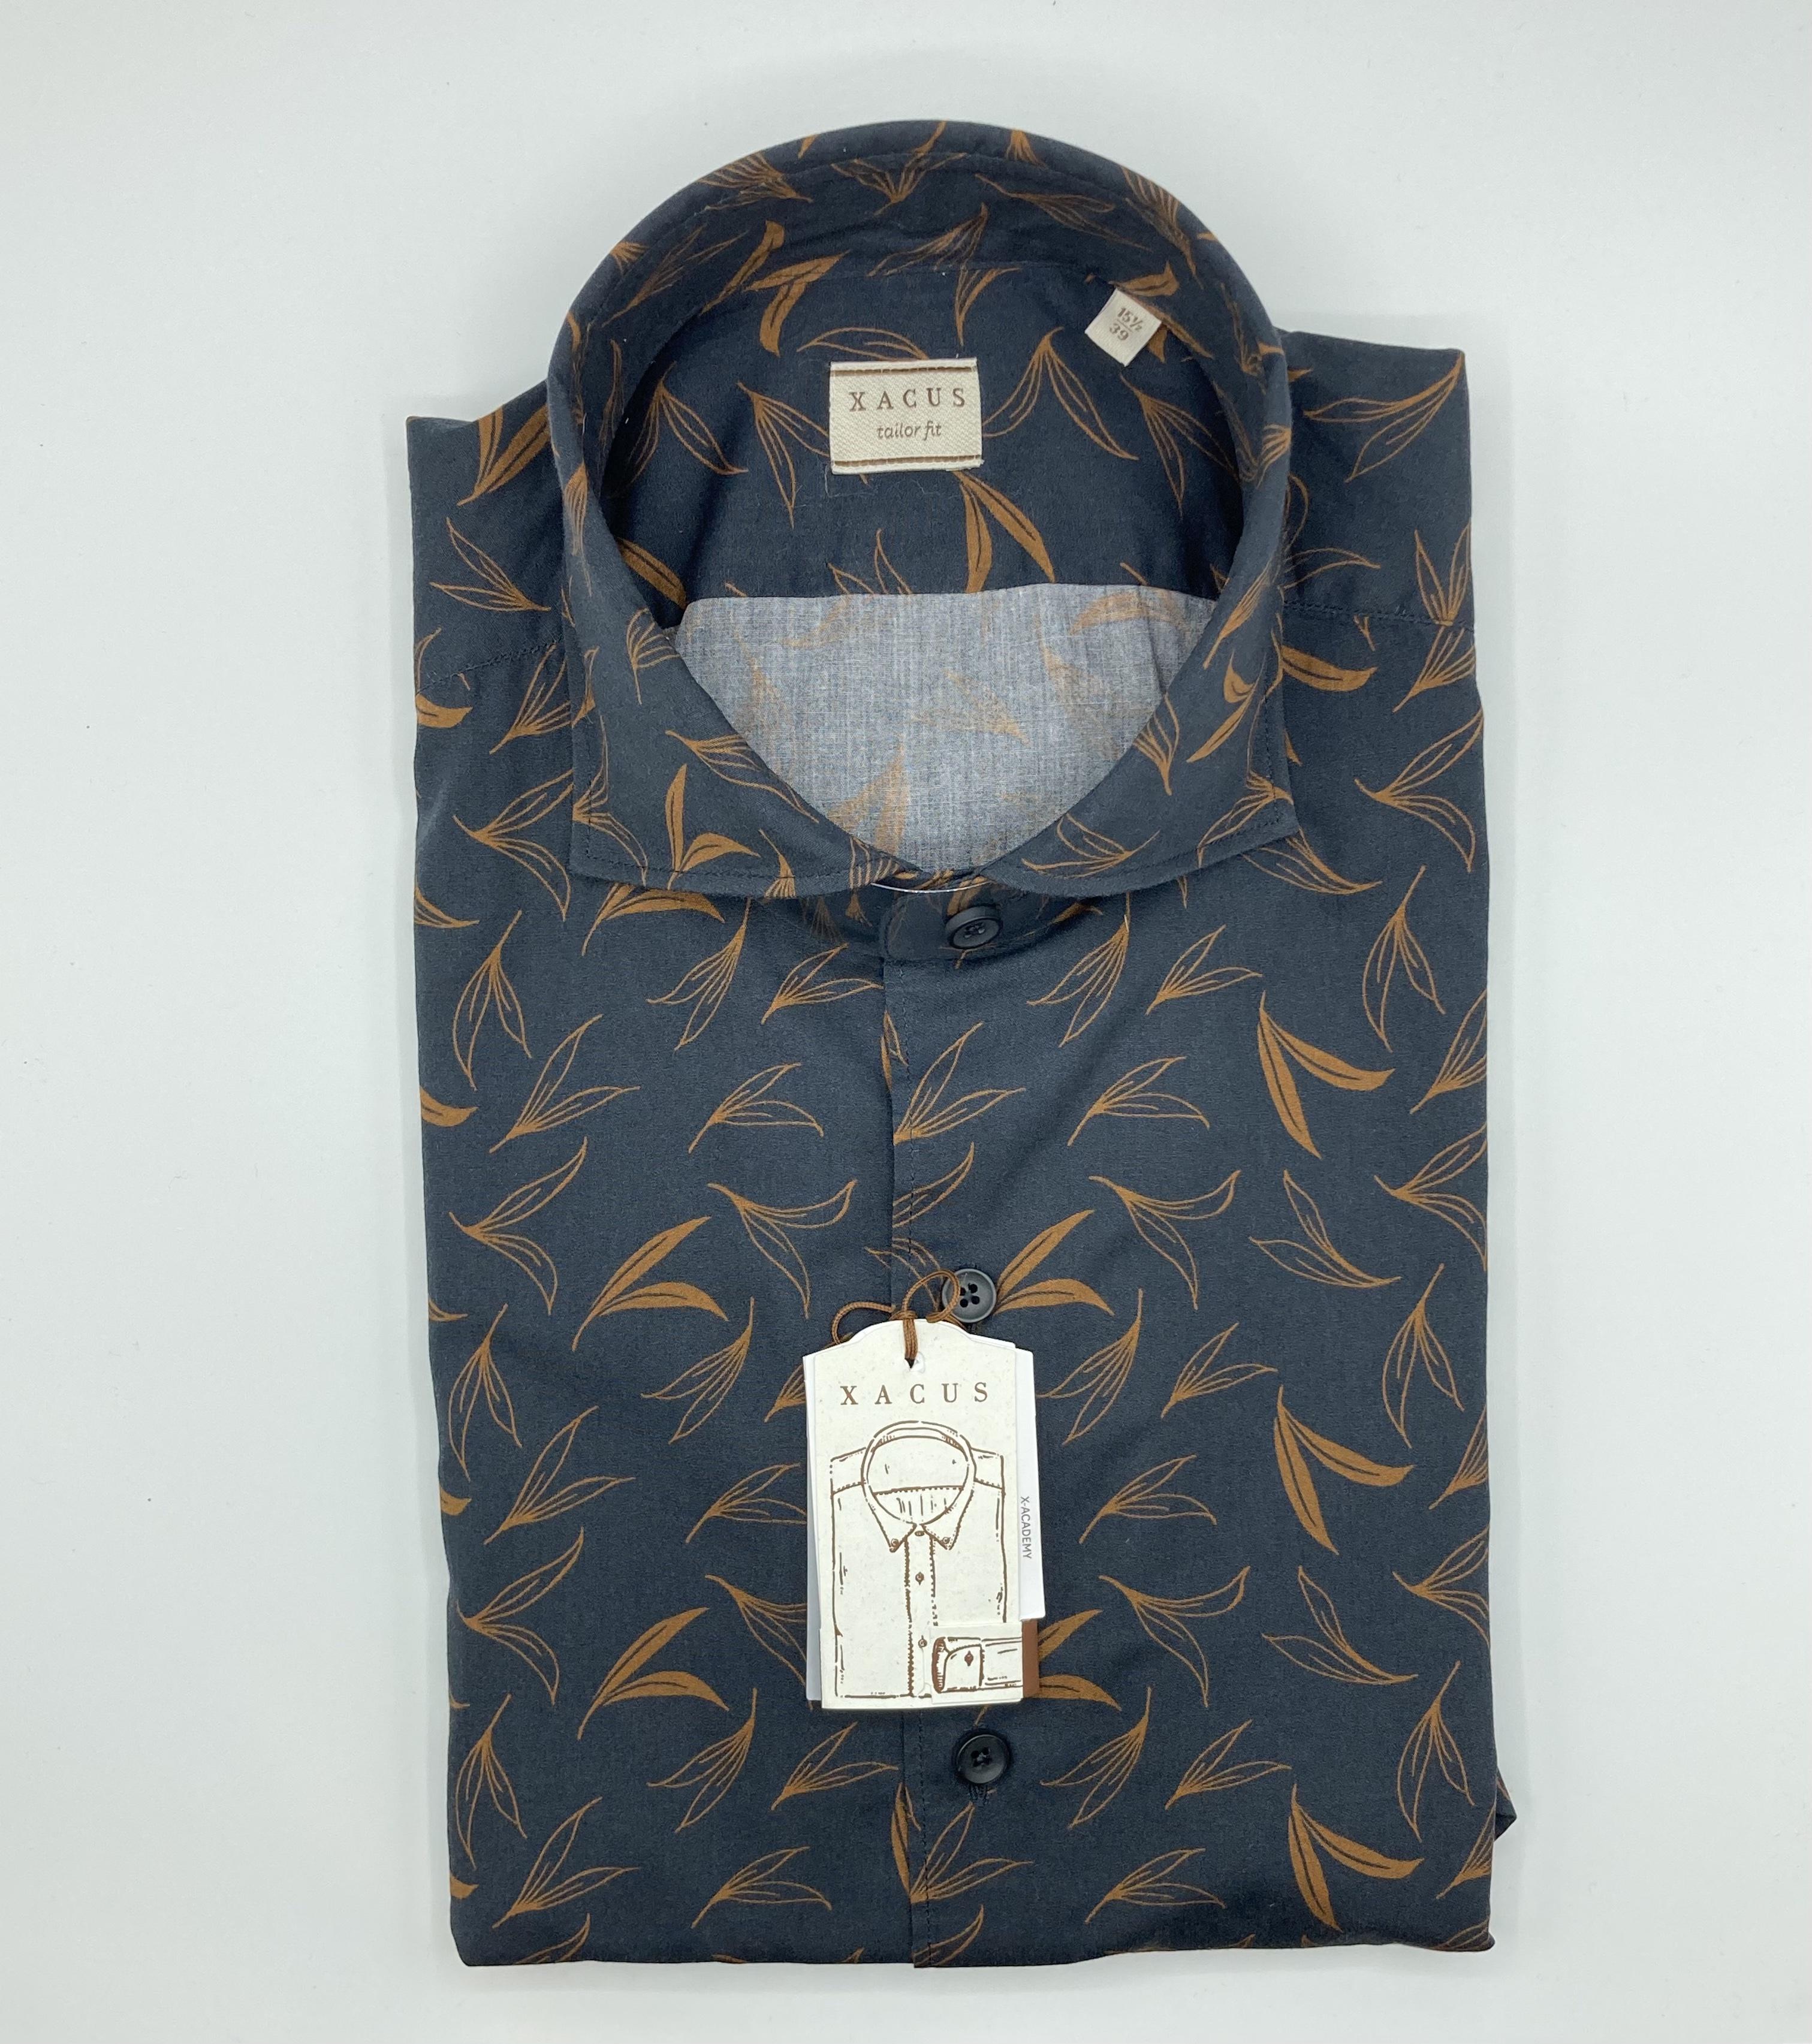 Camicia Xacus, cotone stampato